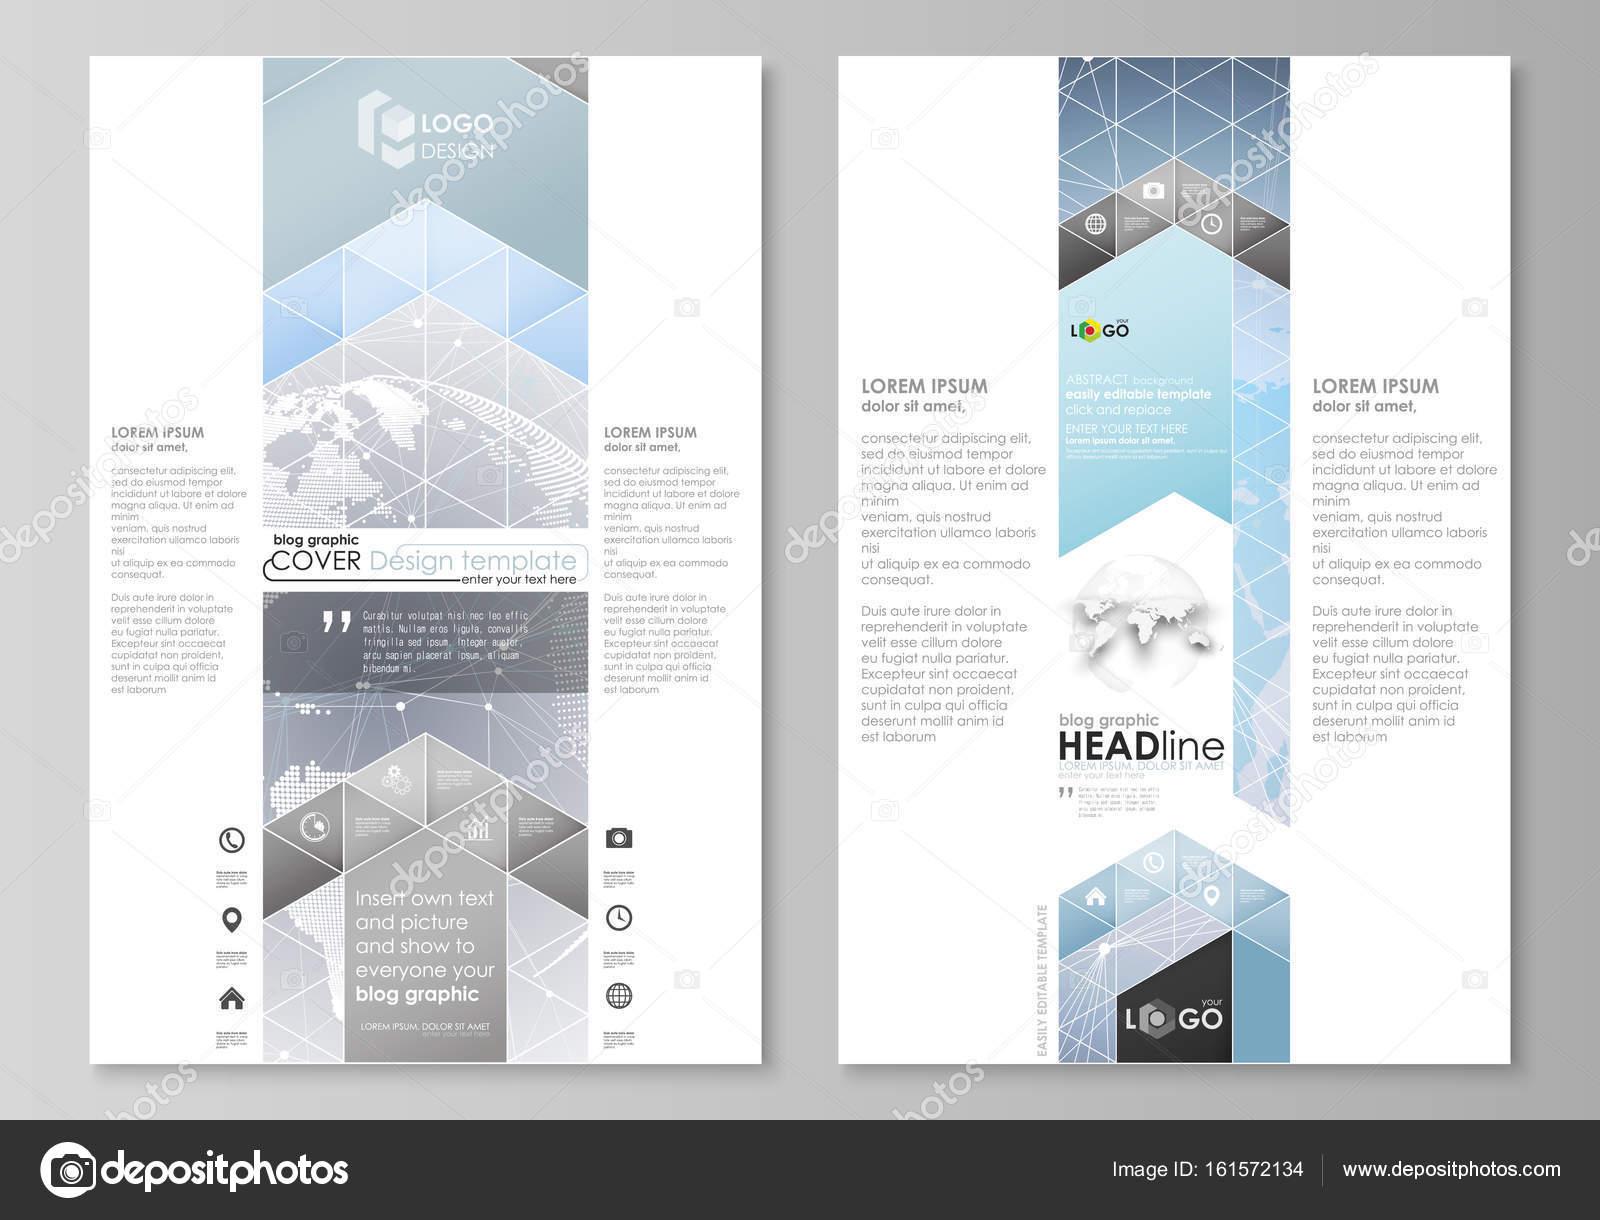 Die abstrakten minimalistischen Vektor-Illustration des editierbare ...